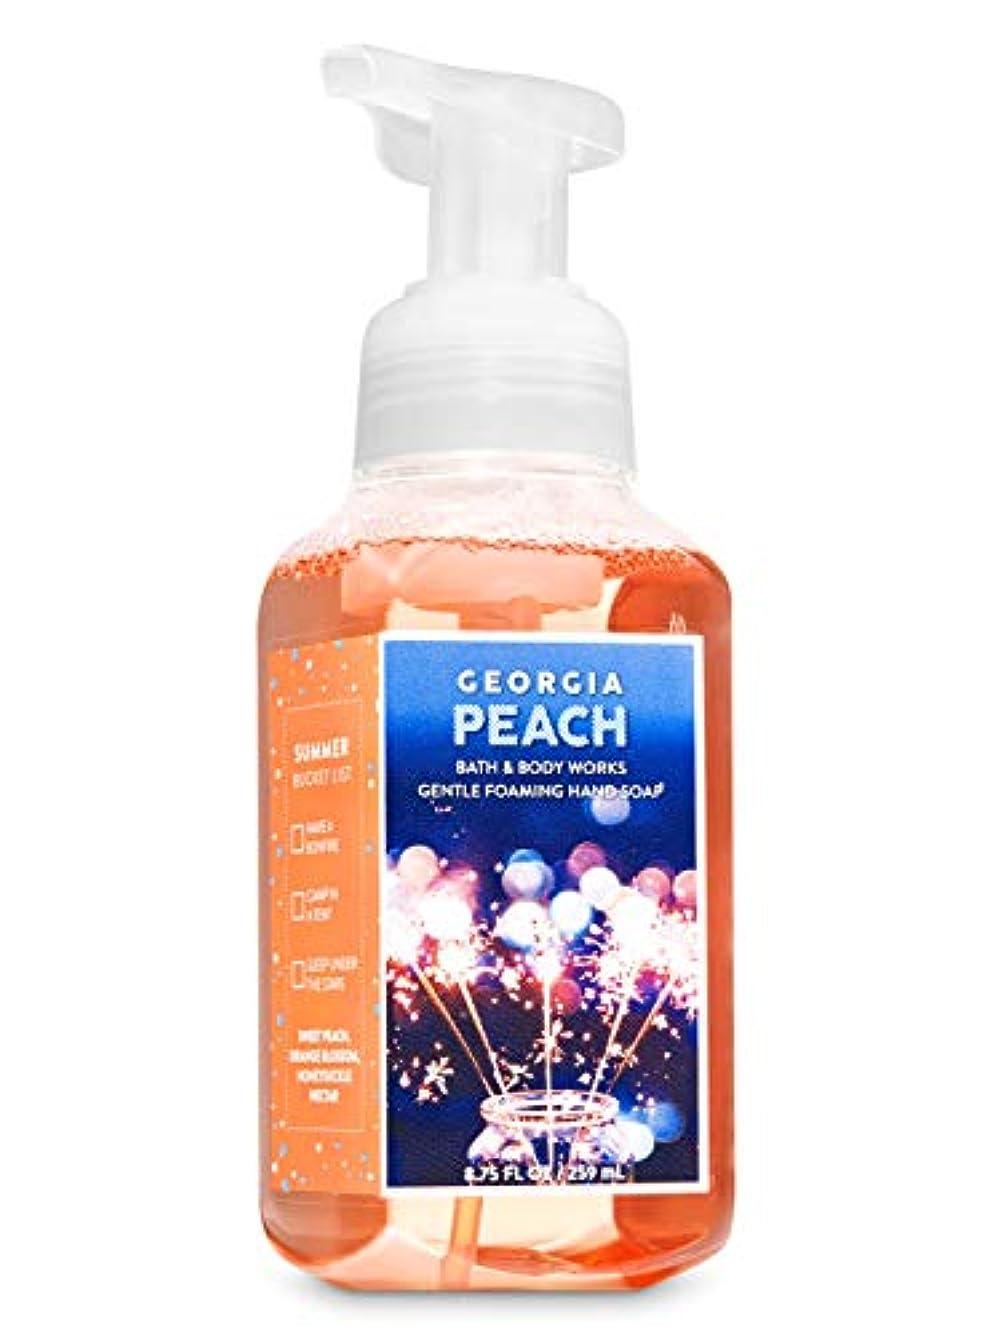 かなりの悪性財布バス&ボディワークス ジョージアピーチ ジェントル フォーミング ハンドソープ Georgia Peach Gentle Foaming Hand Soap